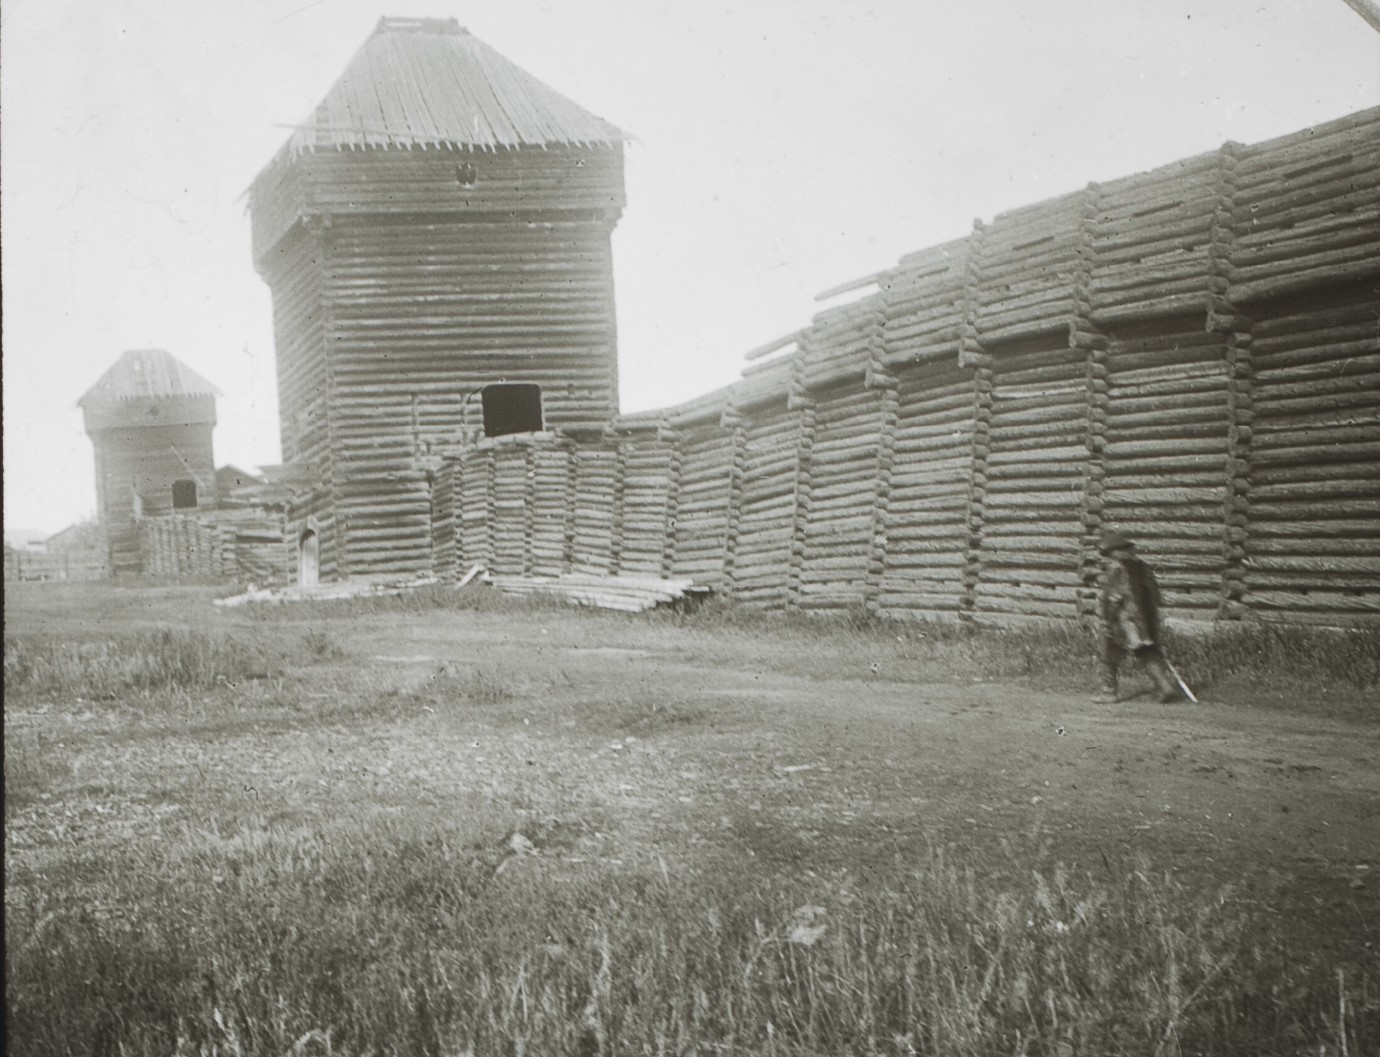 Якутская область. Якутск. Развалины старой казацкой крепости (острог)